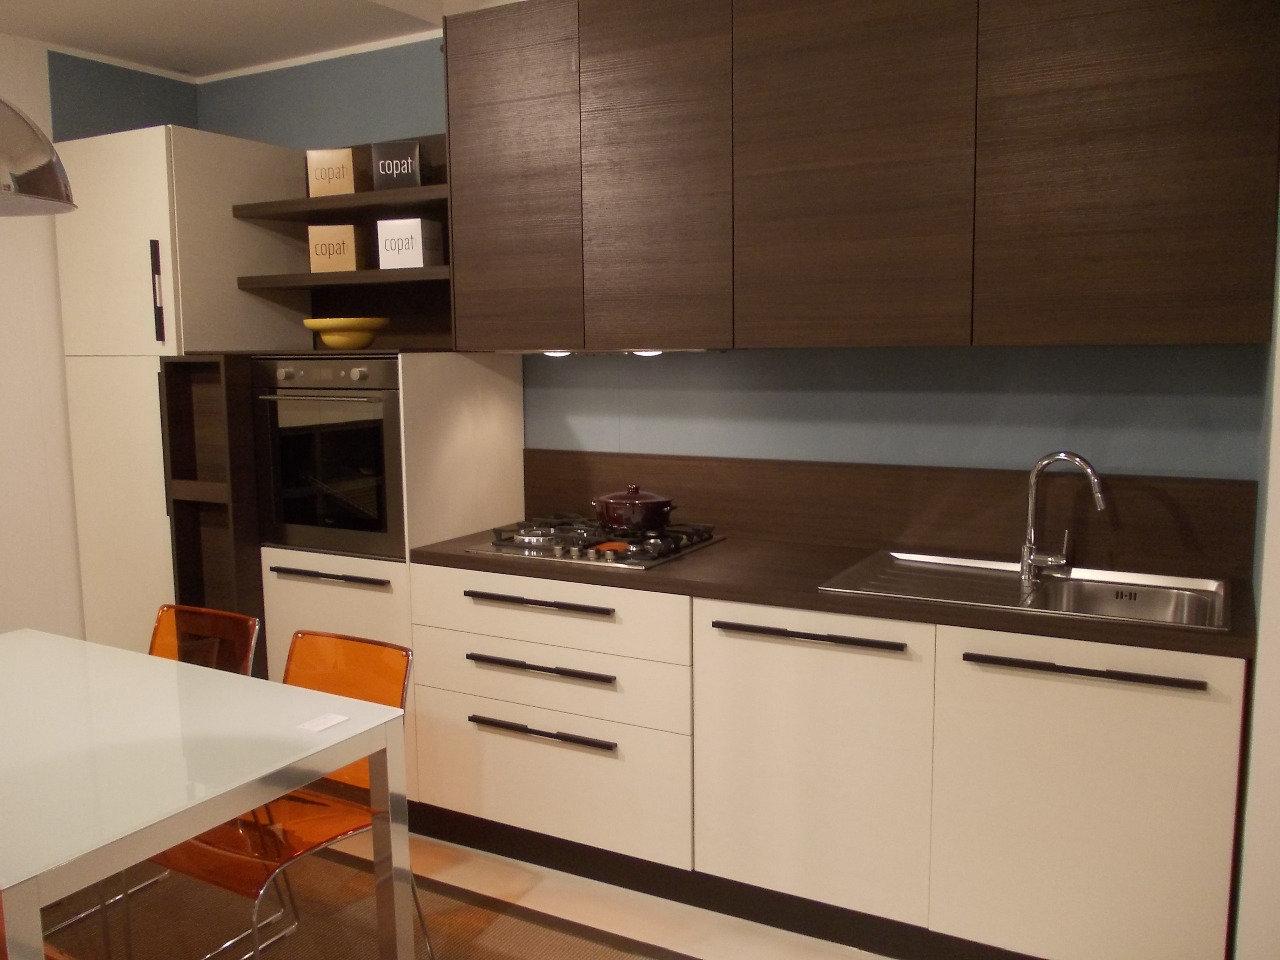 Cucina samoa di copat in laminato effetto legno completa - Cucina laminato effetto legno ...